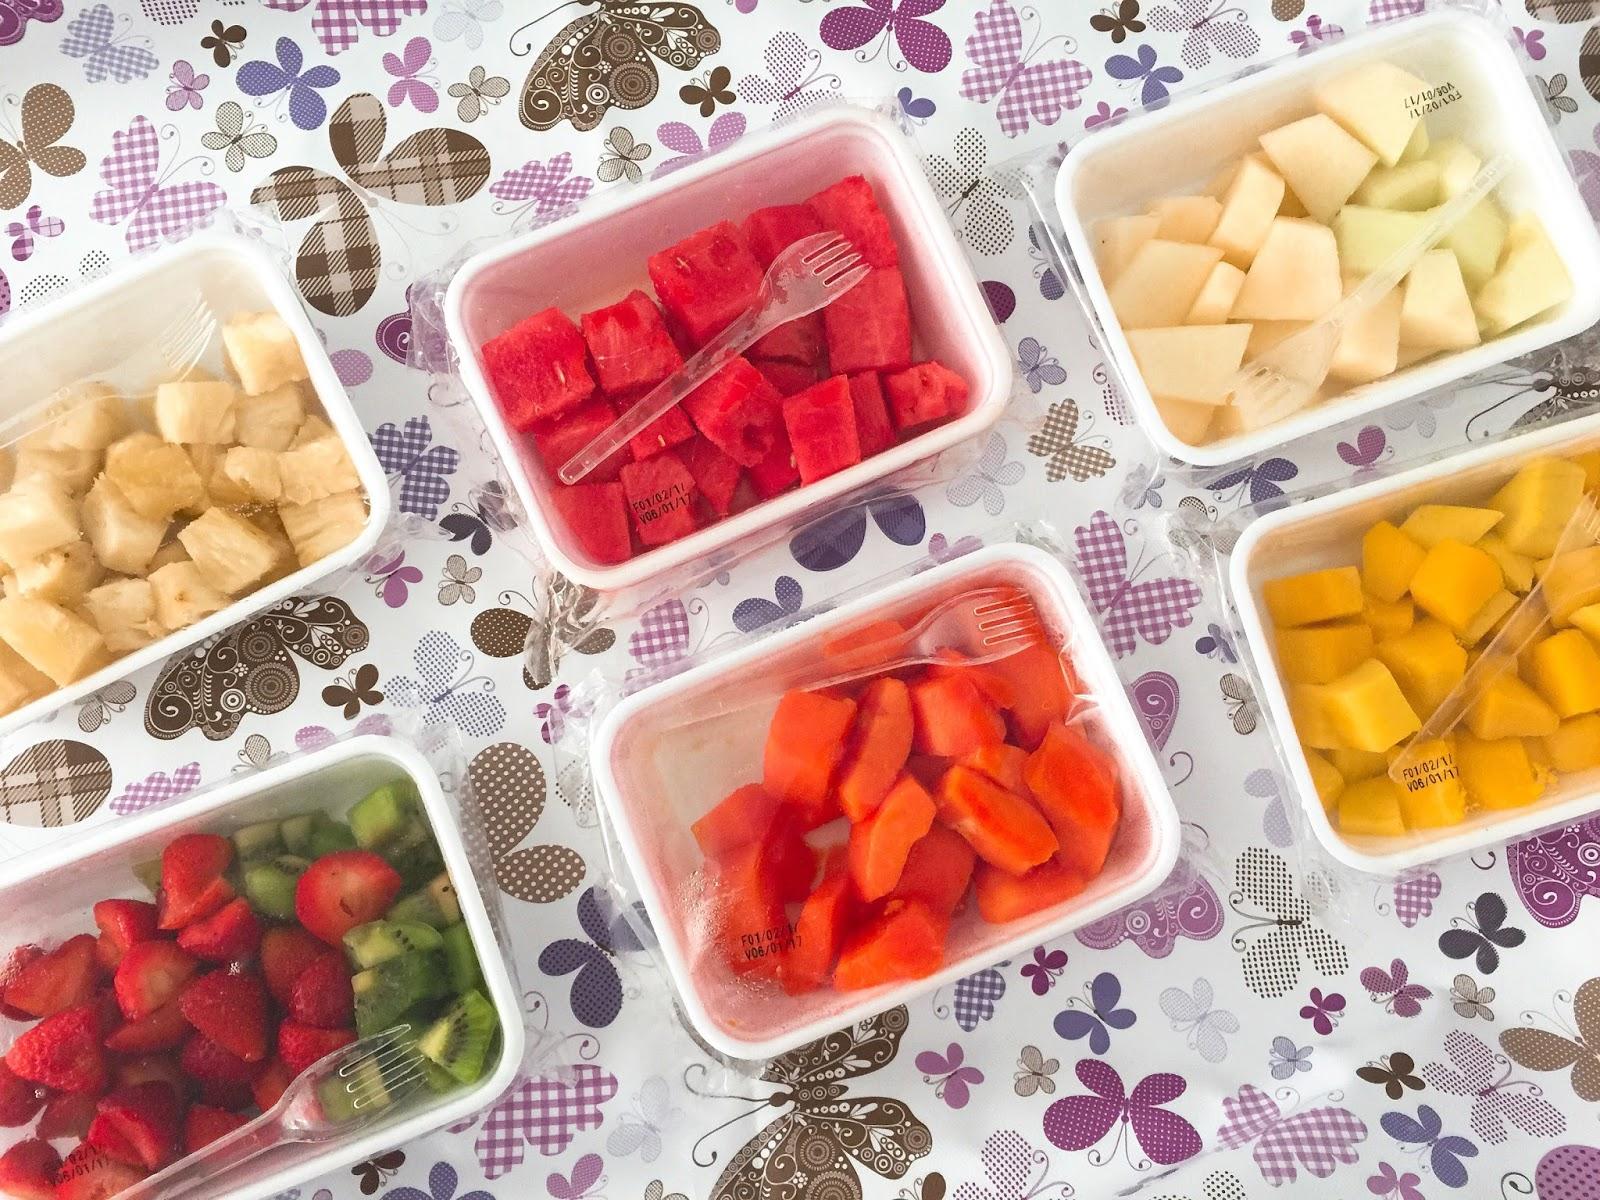 tropicado frutas ... frutas frescas, descascadas e sem desperdício Curitiba